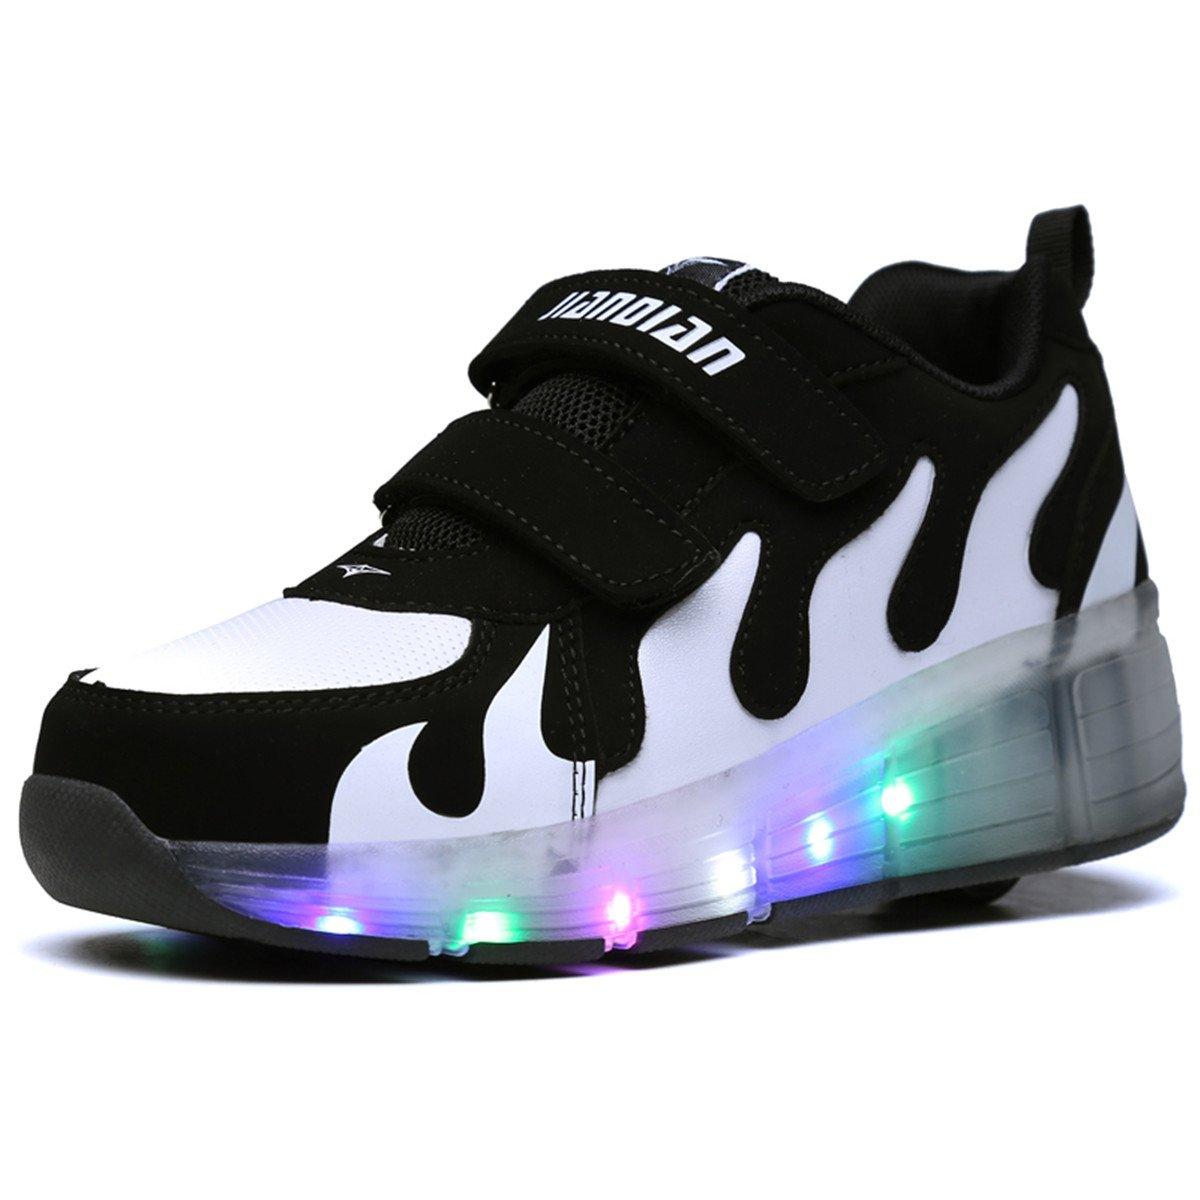 Viken Azer-UK Unisex LED Automática de Skate Varios Colores Zapatillas con Ruedas Zapatos Patines Deportes Zapatos para Niños Niñas: Amazon.es: Zapatos y ...